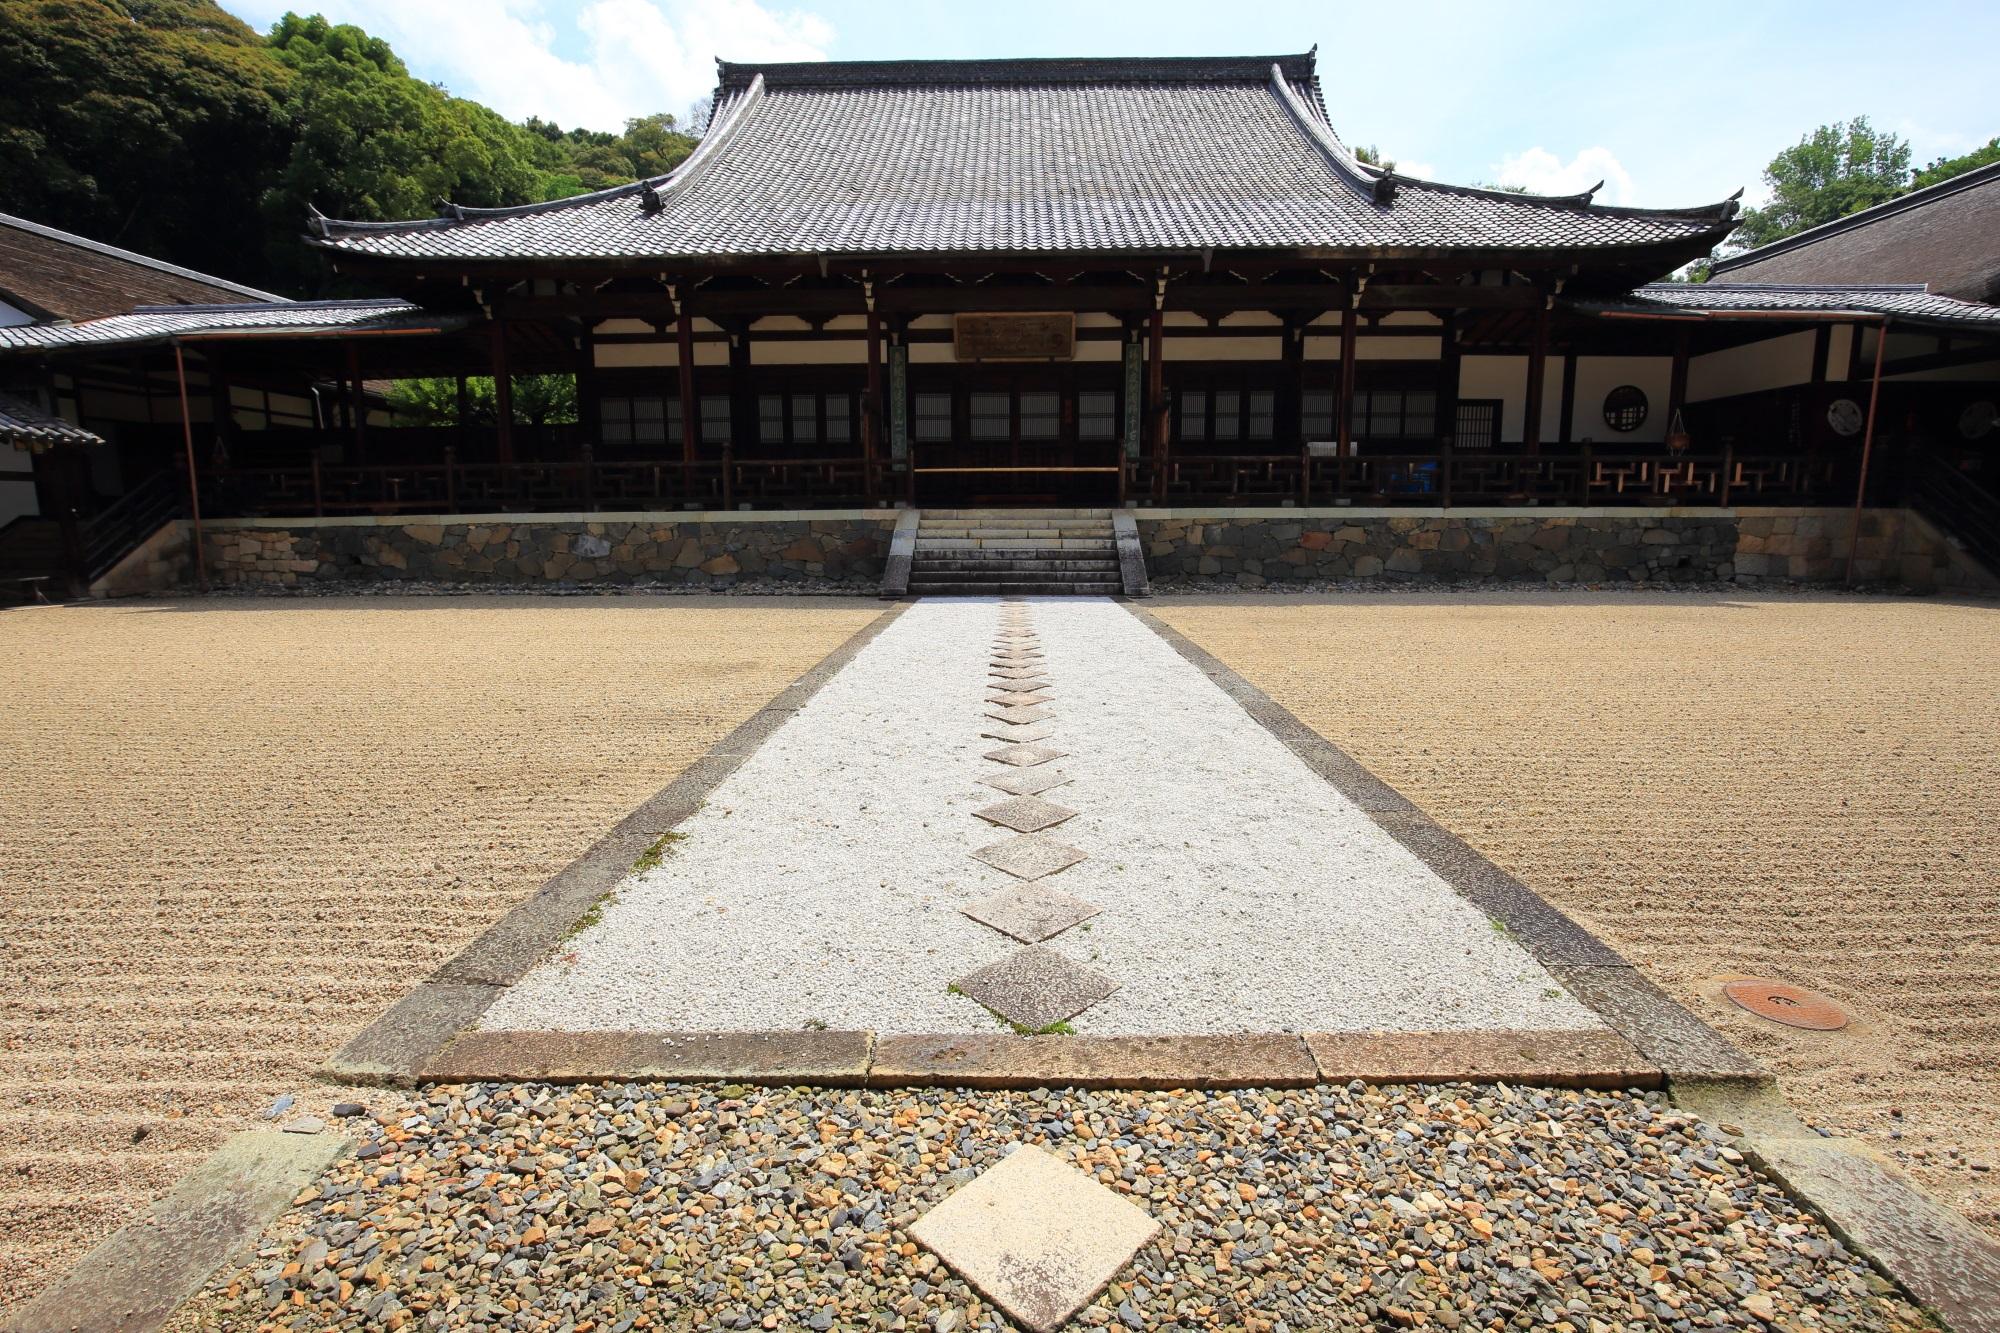 黄檗山萬福寺の前が砂庭と飛び石の参道になっている法堂